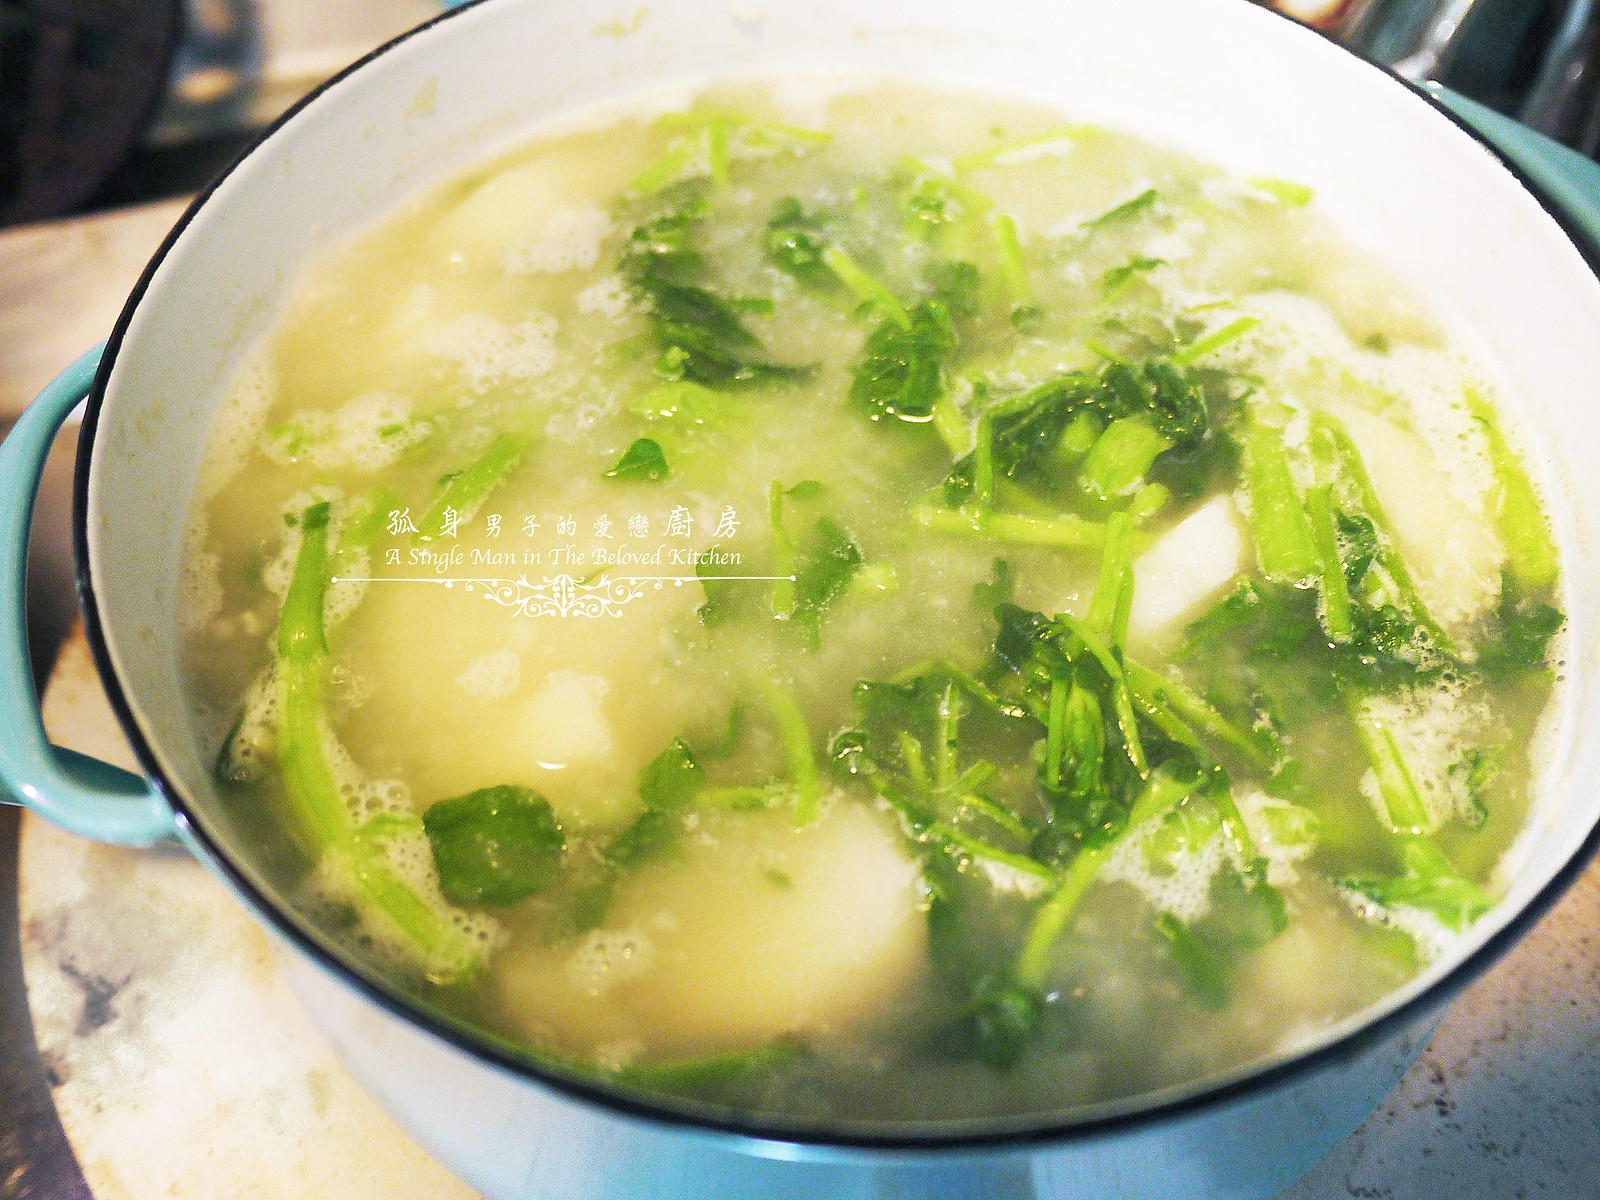 孤身廚房-西洋菜馬鈴薯濃湯25